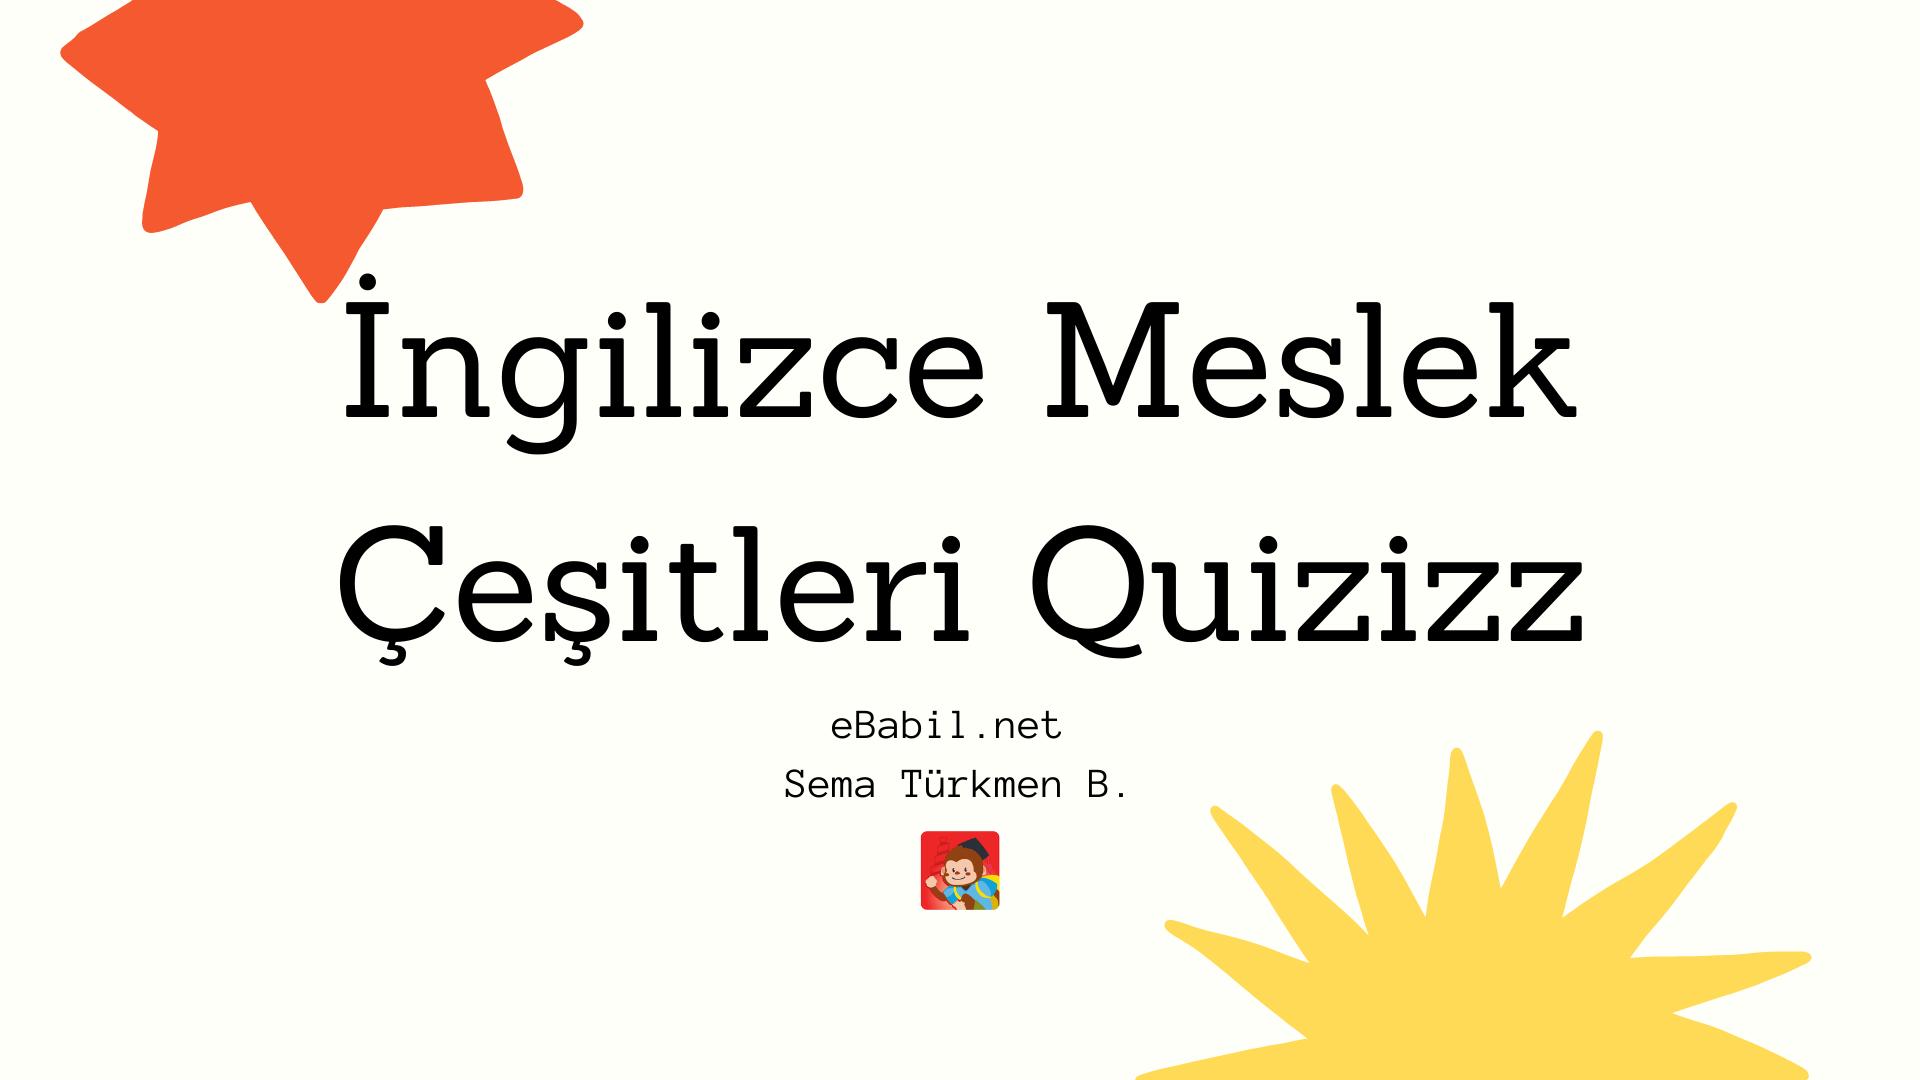 Kelime Oyunu (Quizizz): İngilizce Meslekler (Jobs)